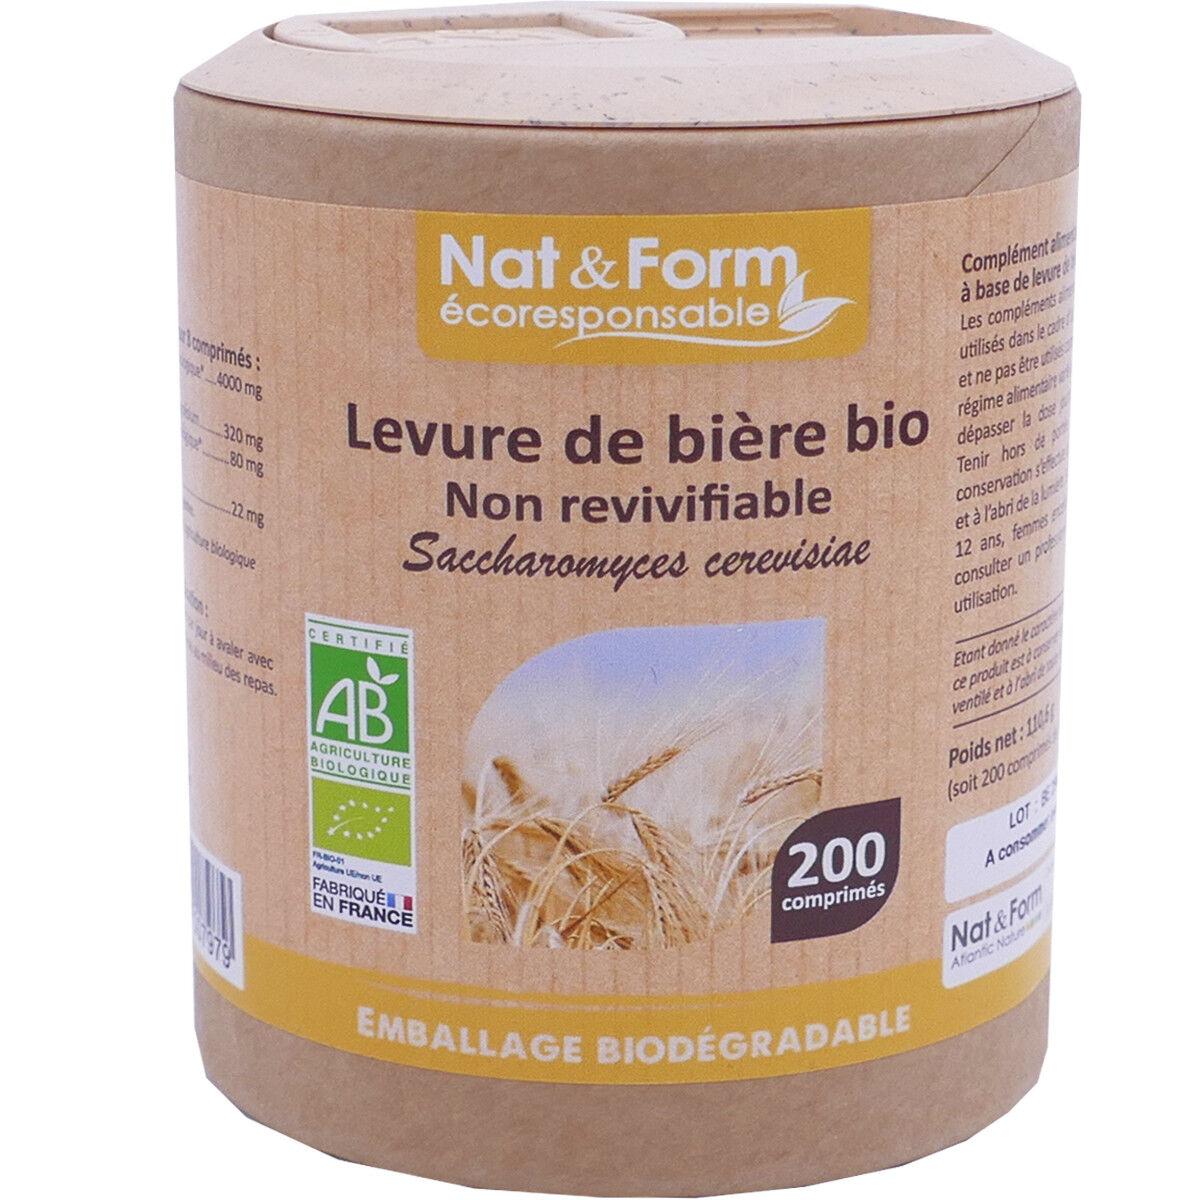 Nat & form levure de biere bio 200 capsules